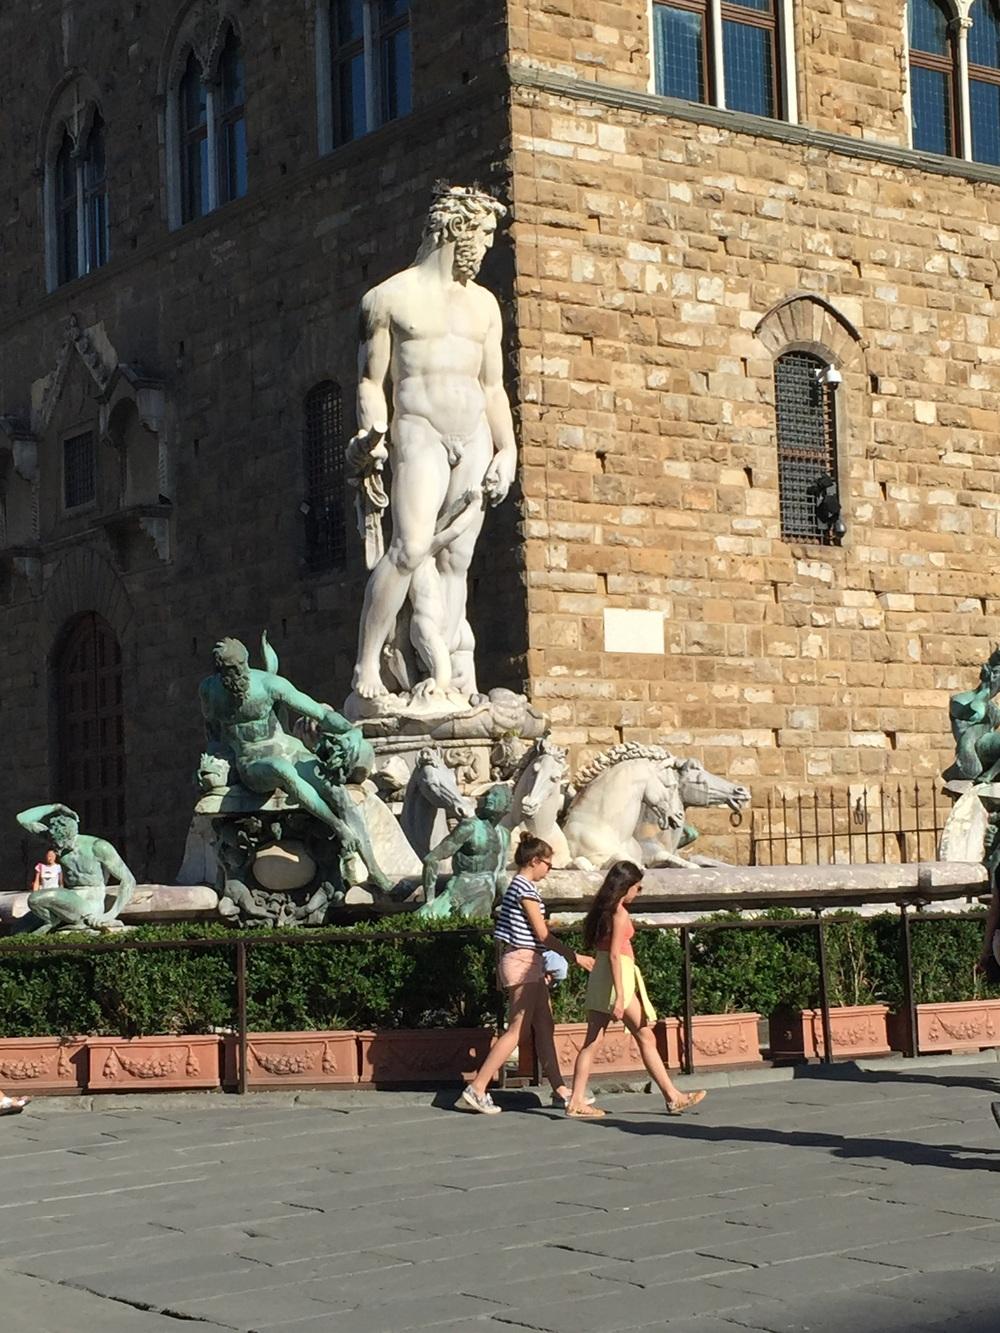 A series of statues in Piazza del Repubblico